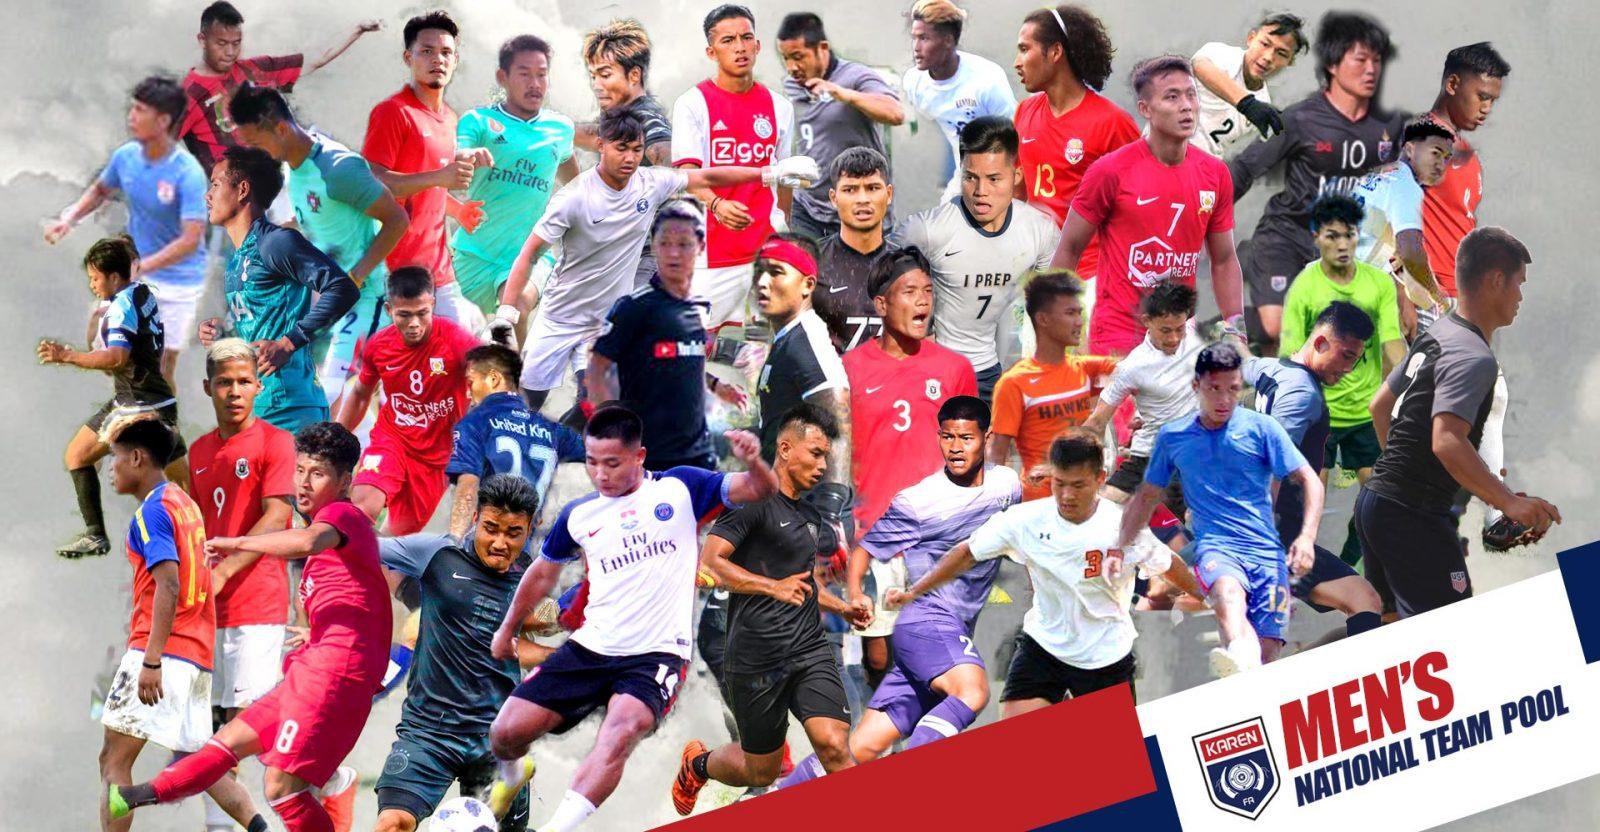 karen-national-team-full-image-header-desktop-mens-pool-2020